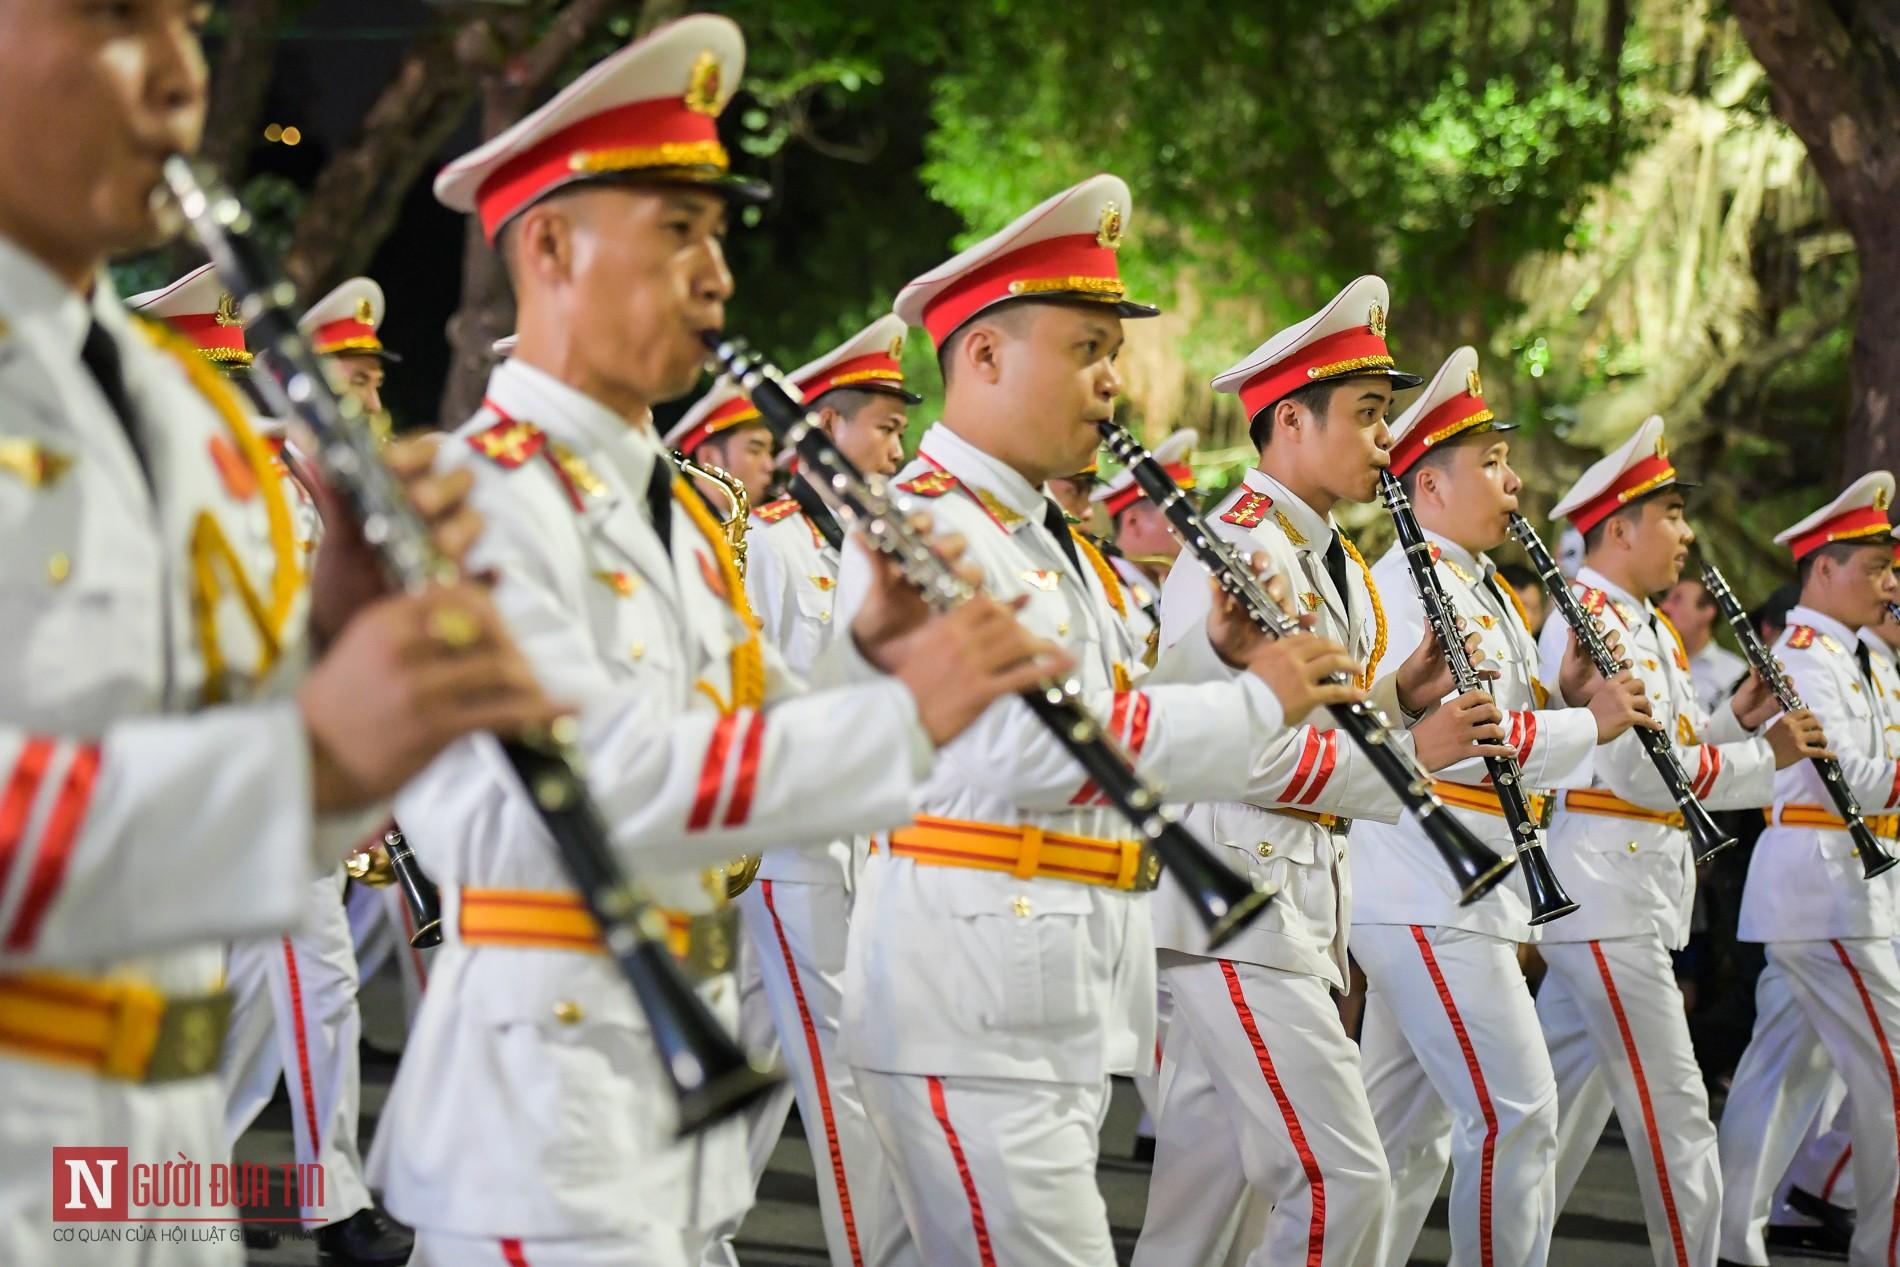 Đoàn nghi lễ Công an Nhân dân lần đầu tiên diểu diễn tại phố đi bộ hồ Hoàn Kiếm 3